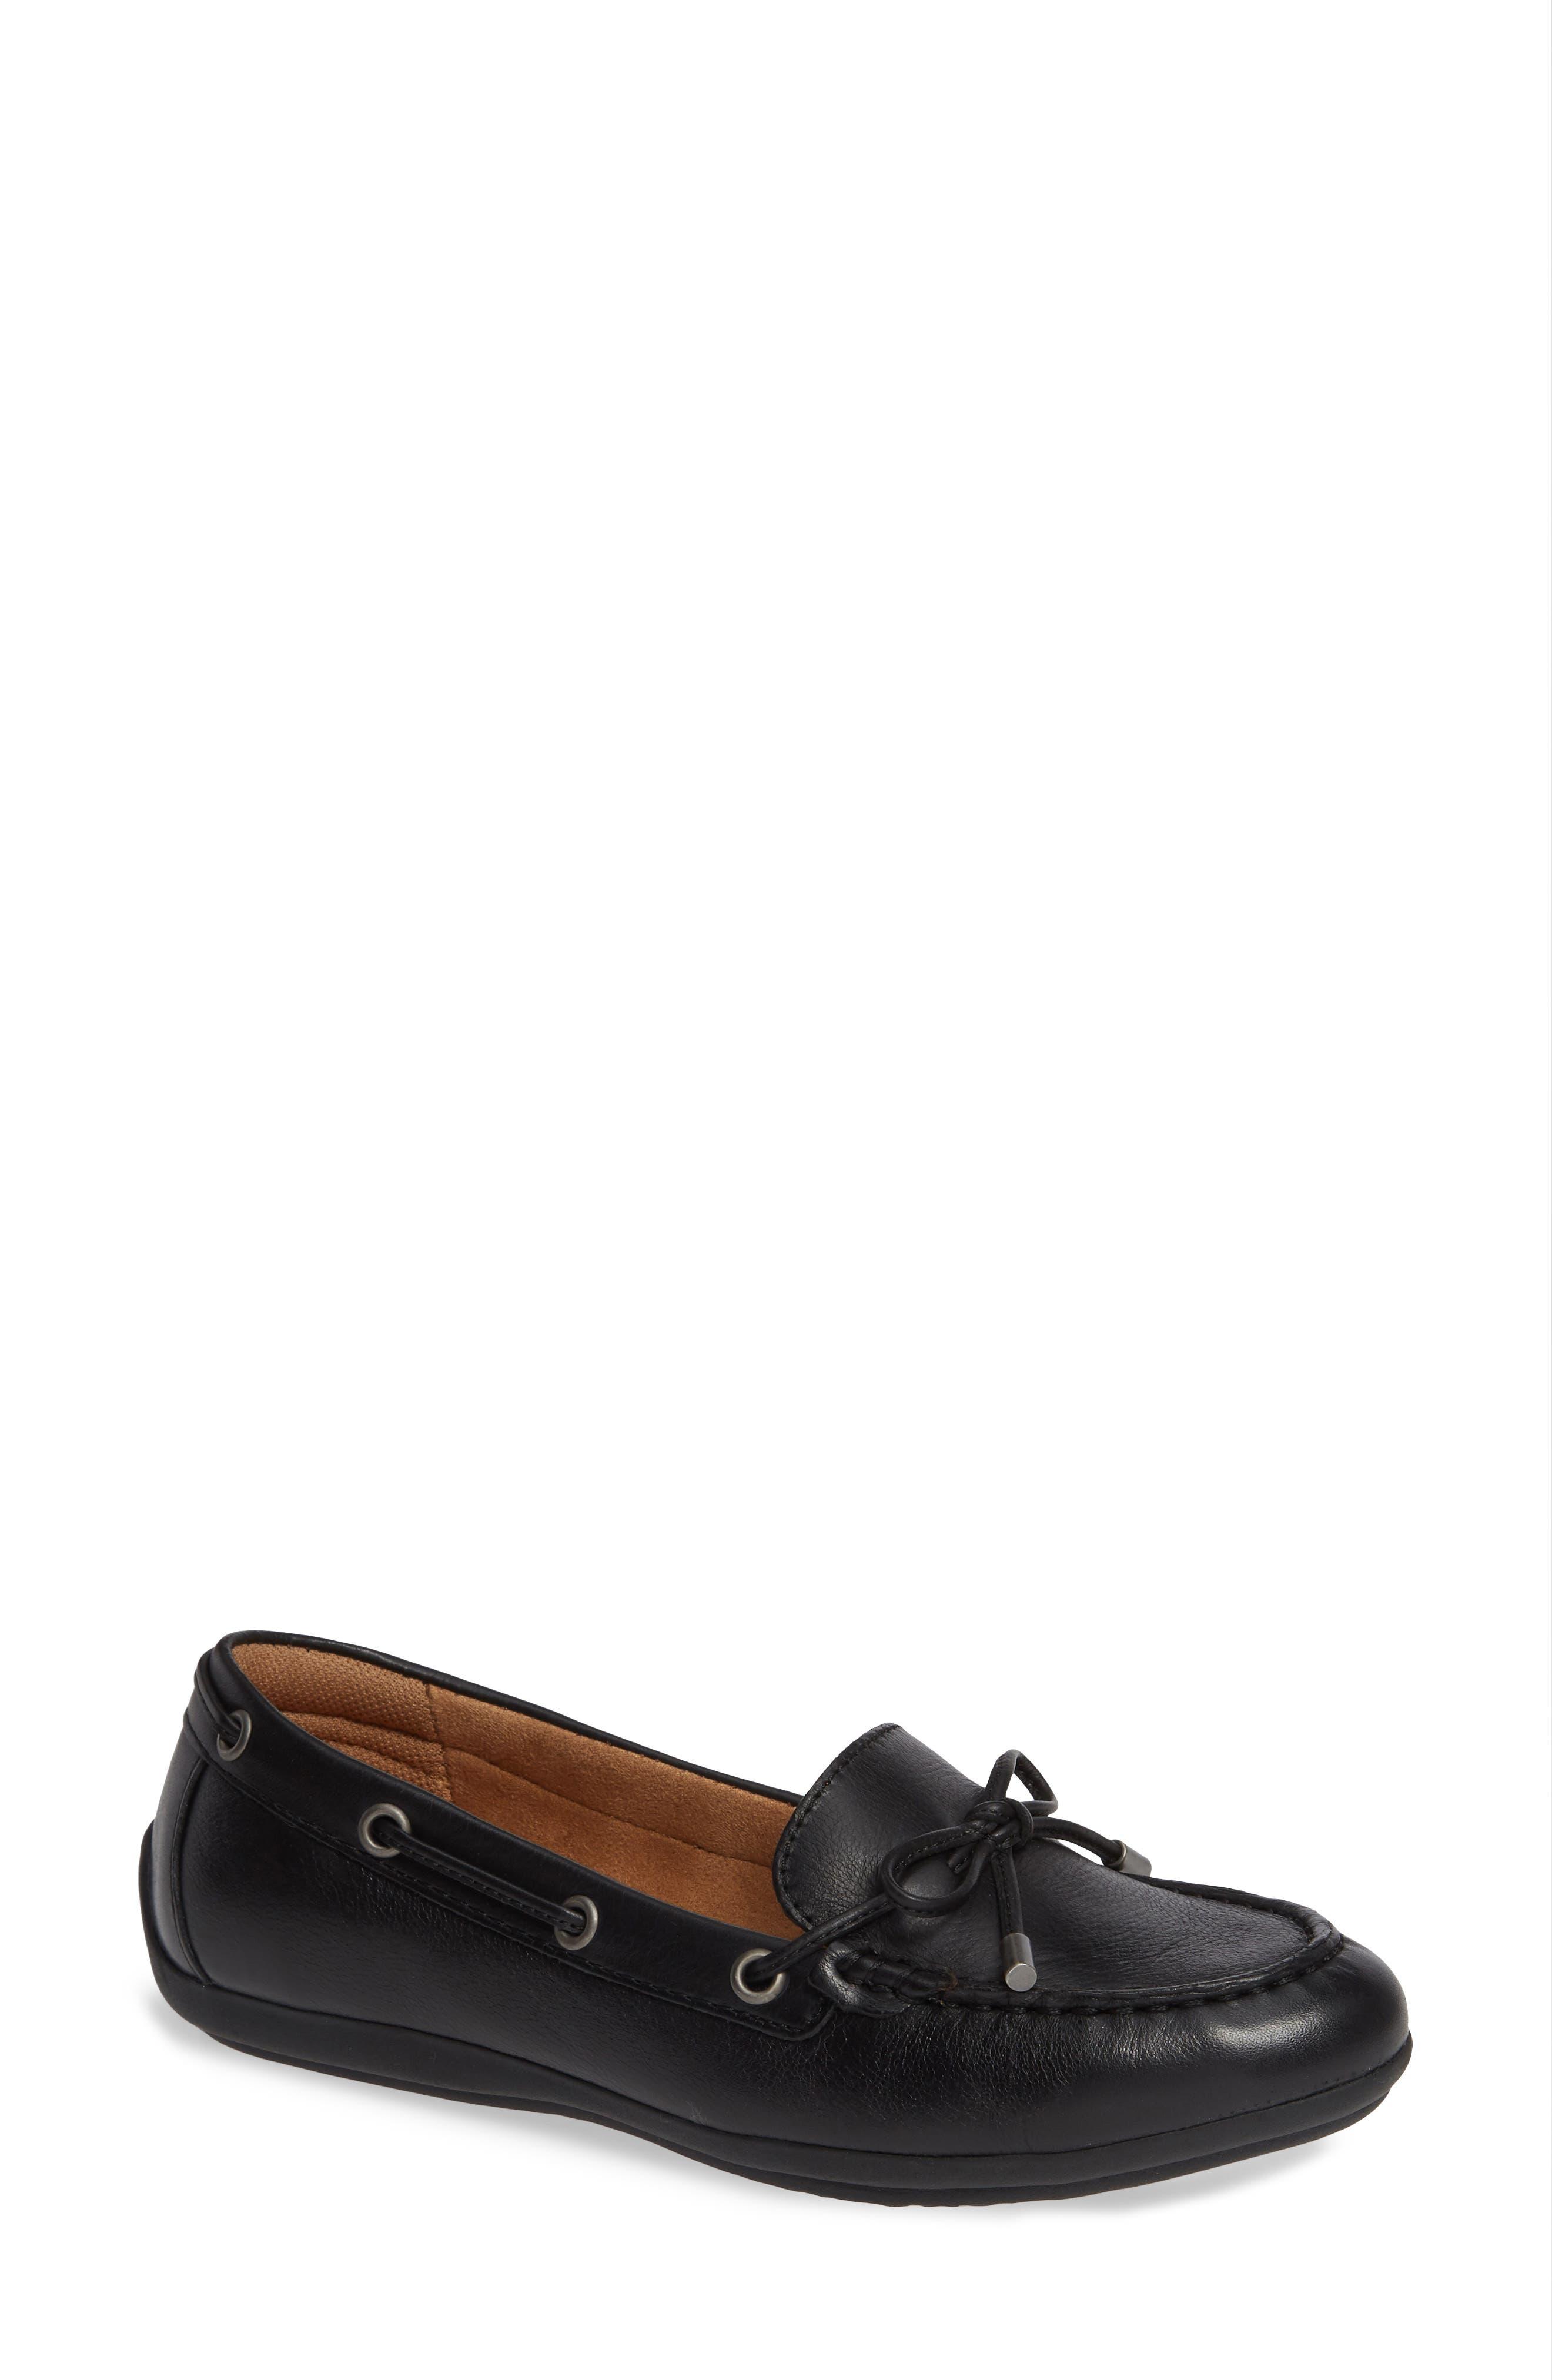 Mindy Loafer, Main, color, BLACK